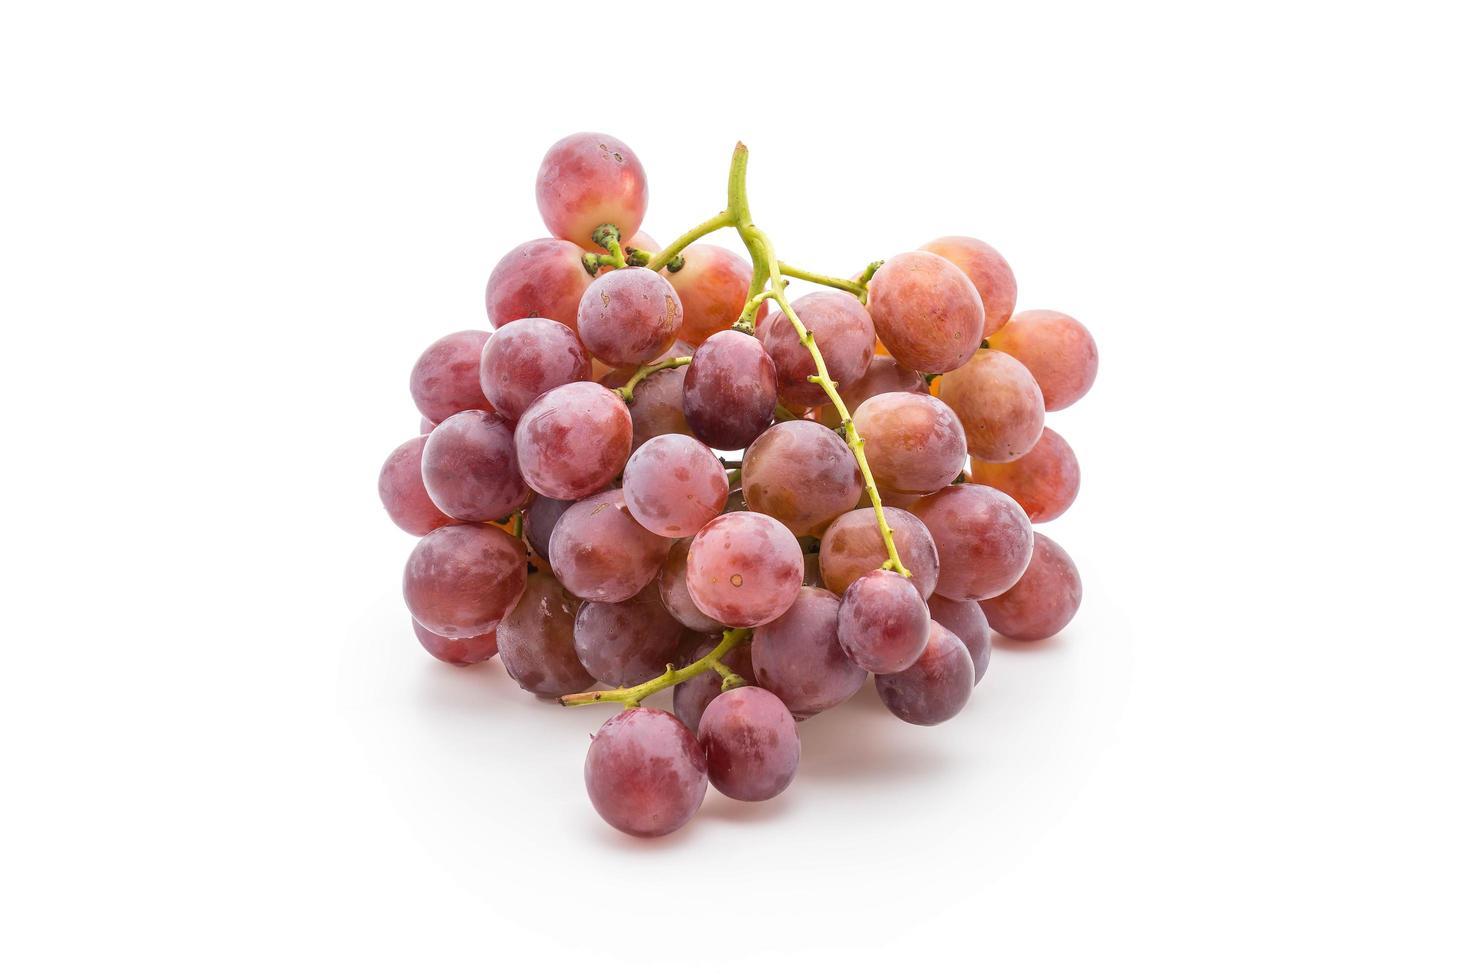 färska druvor på vit bakgrund foto